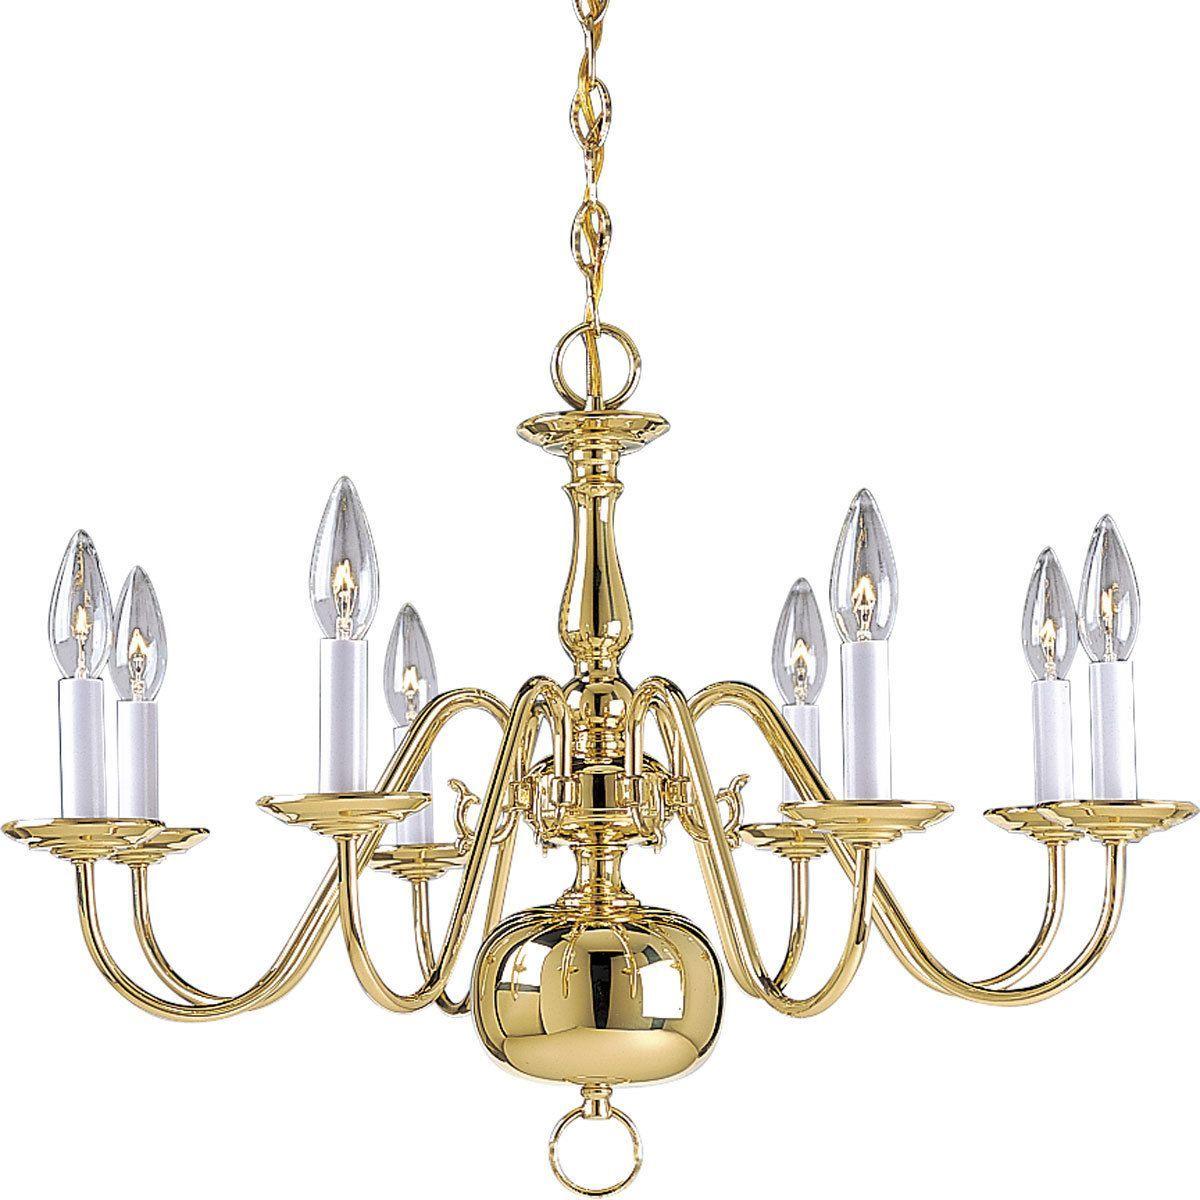 Progress Lighting 8-light Chandelier Lighting Fixture (8-Lt. chandelier), Gold (Metal)